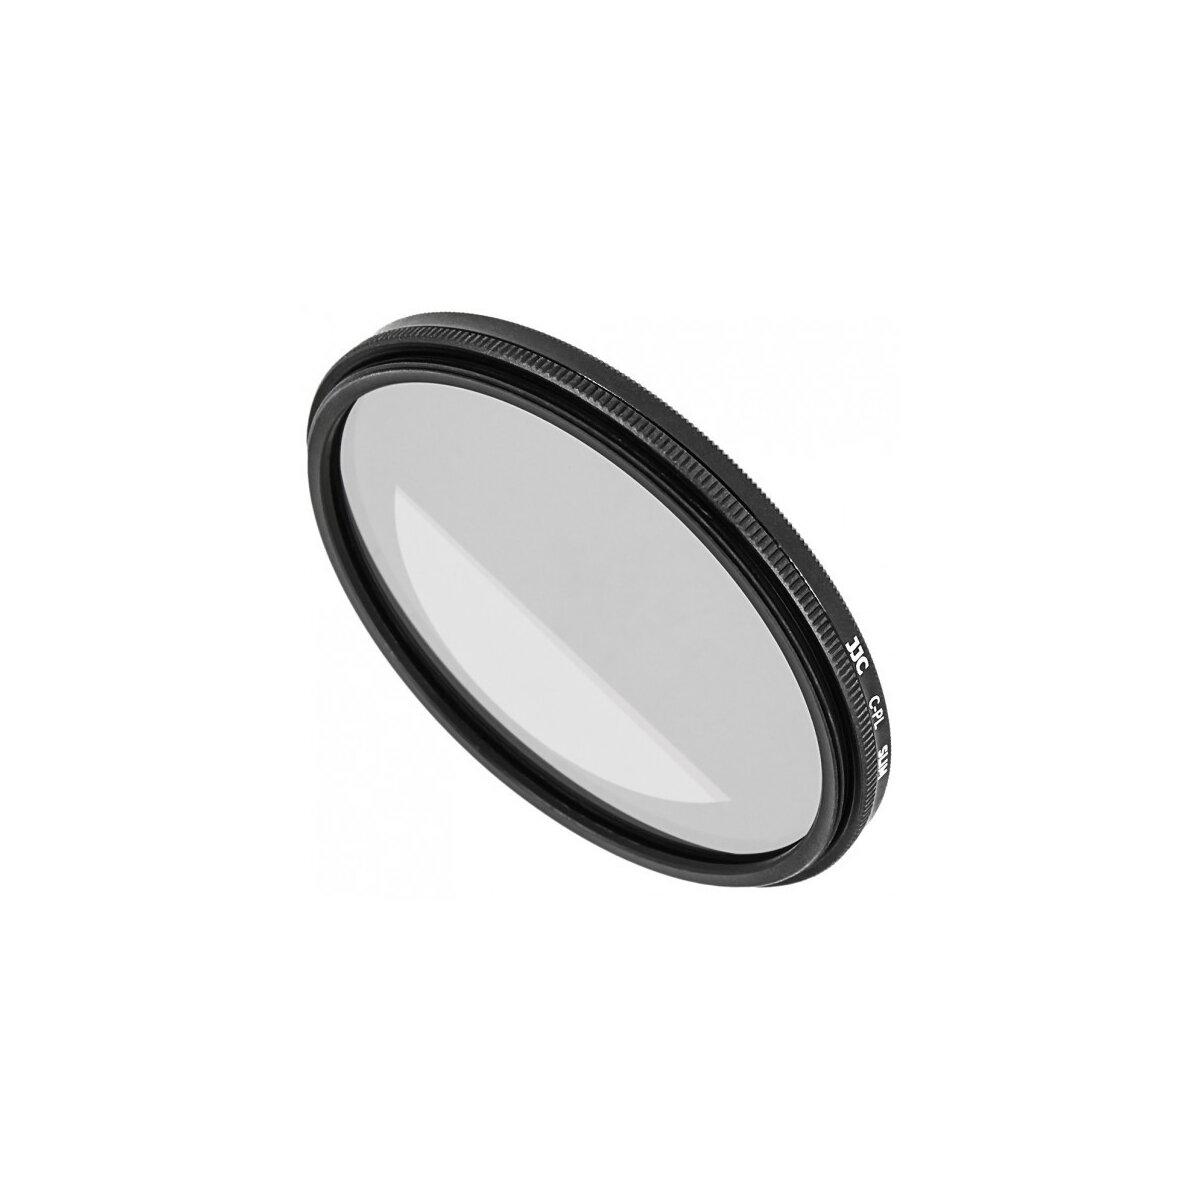 Ultra Flacher Zirkular CPL Polfilter fuer Objektive mit 77 mm Filtergewinde - fuer kontrastreiche Bilder mit gesaettigten Farben